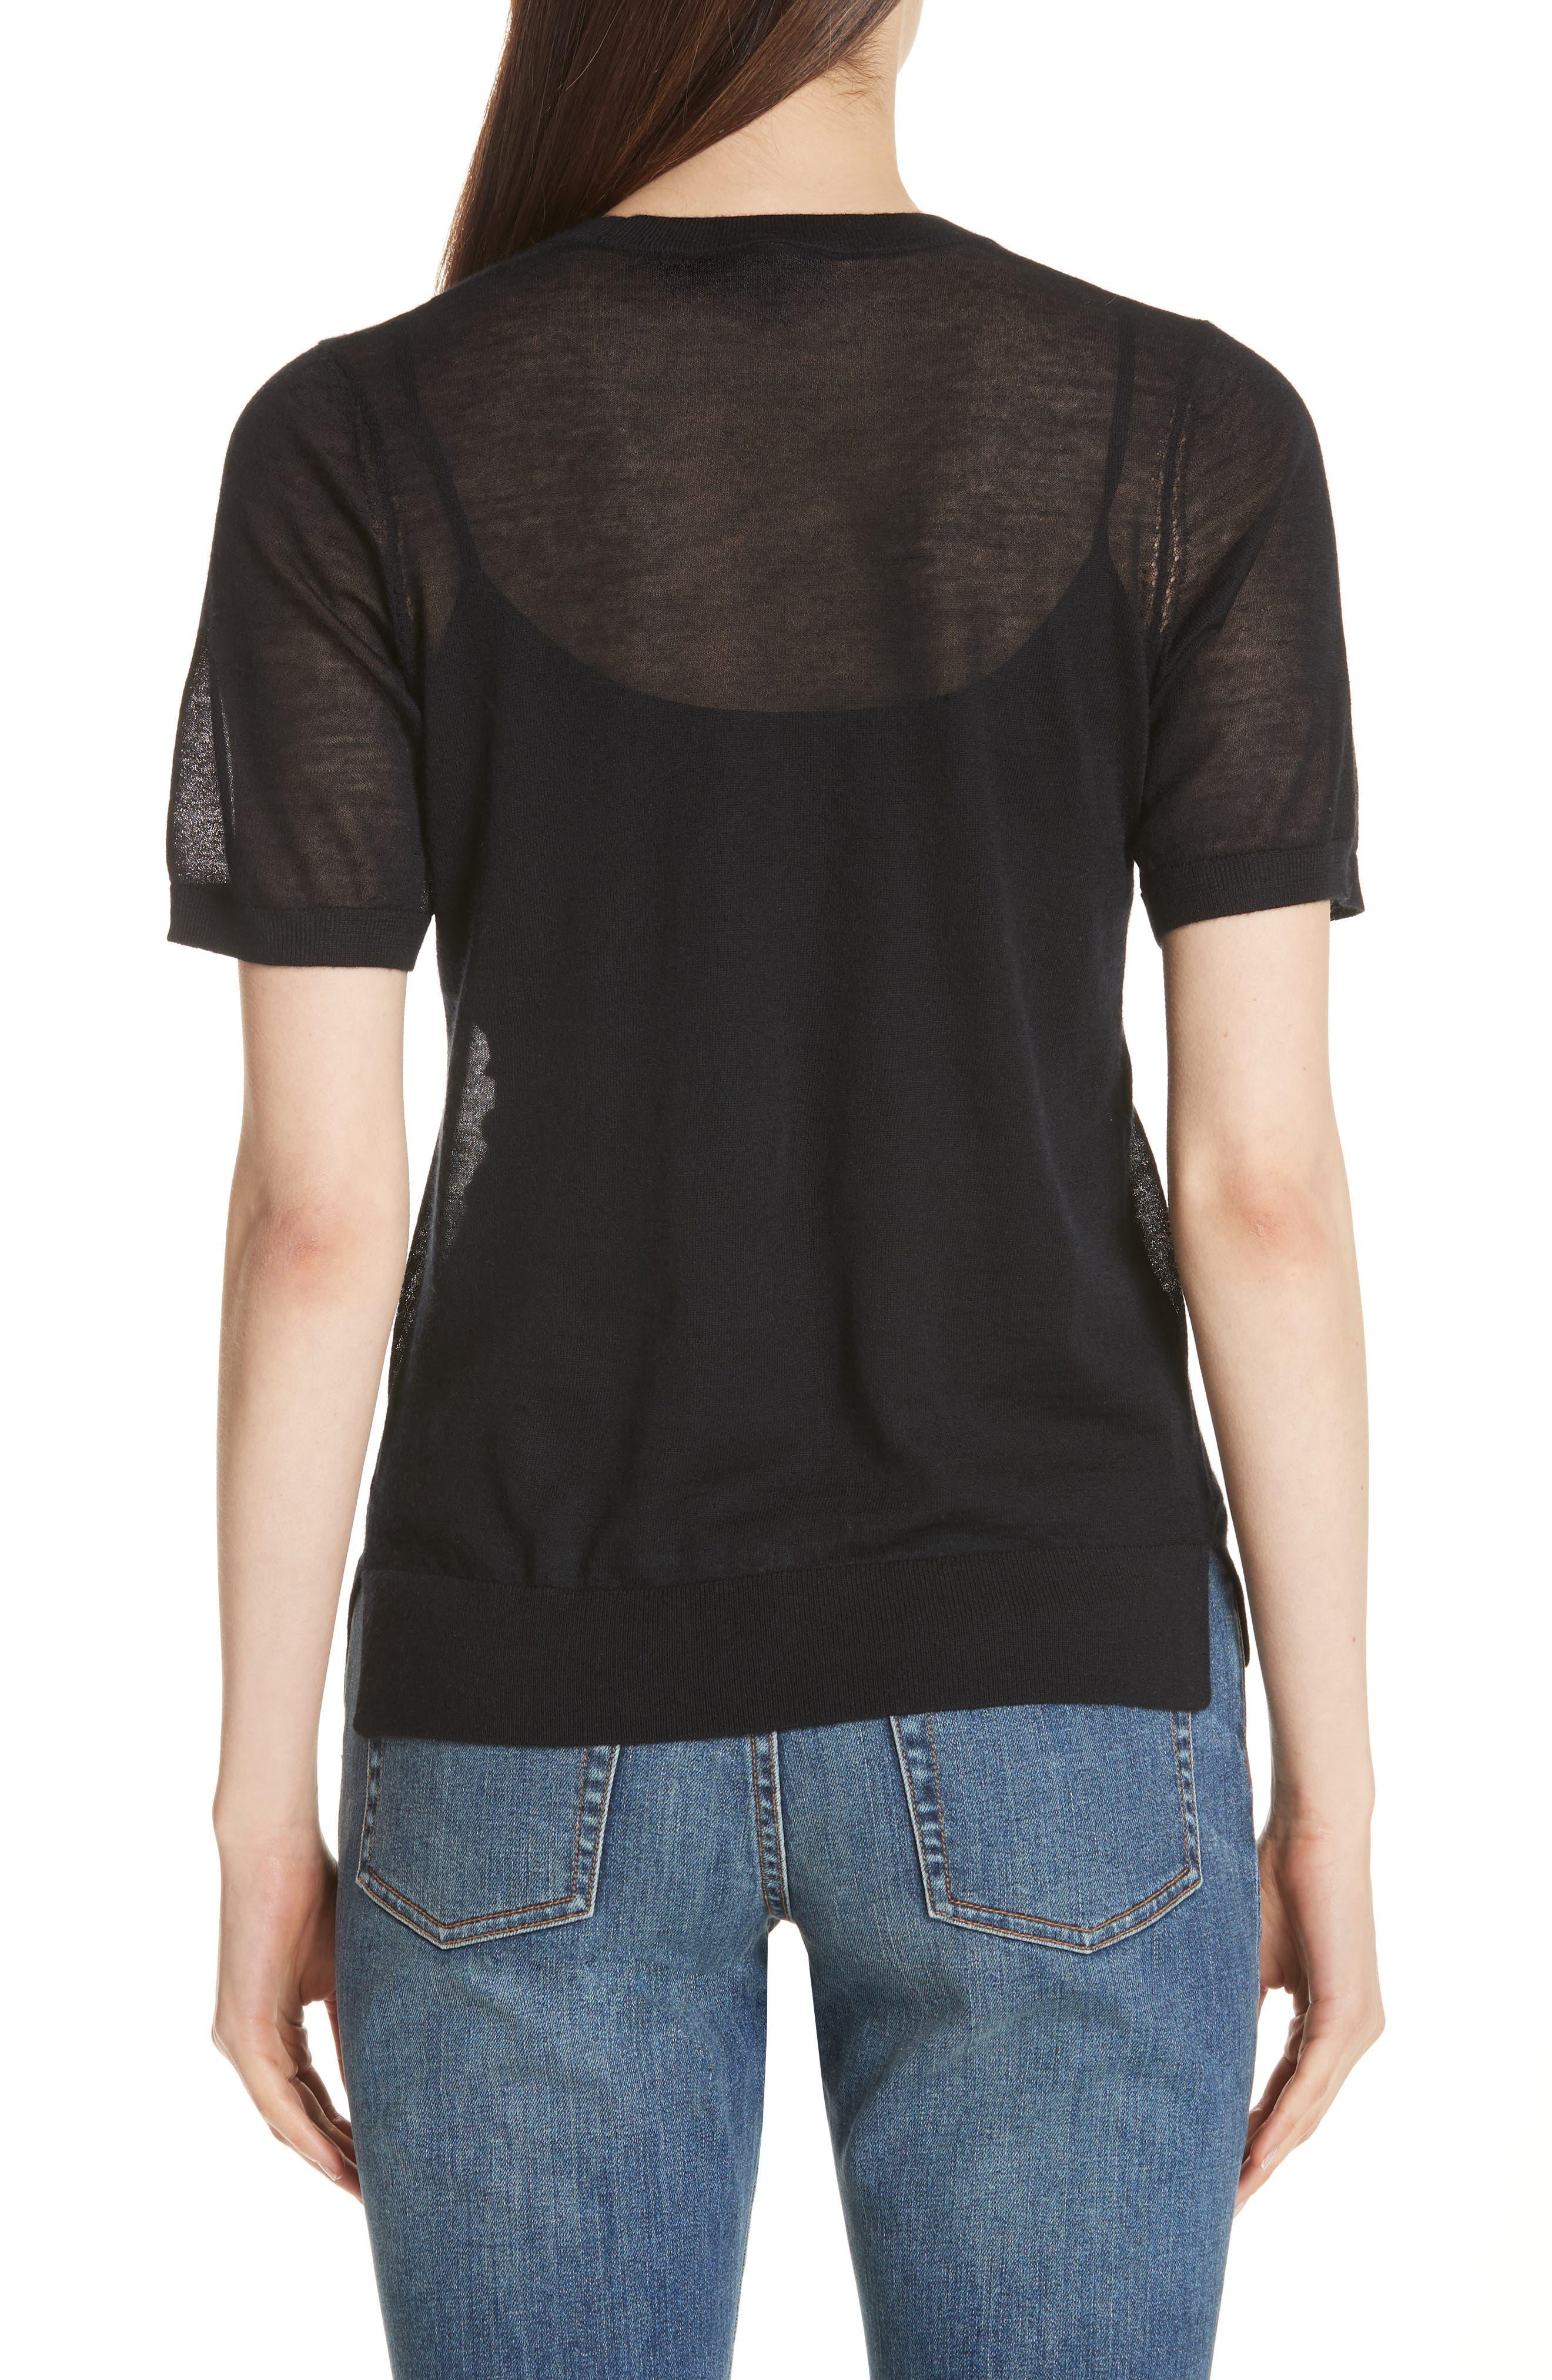 Killik Cashmere Sweater,                             Alternate thumbnail 2, color,                             Black